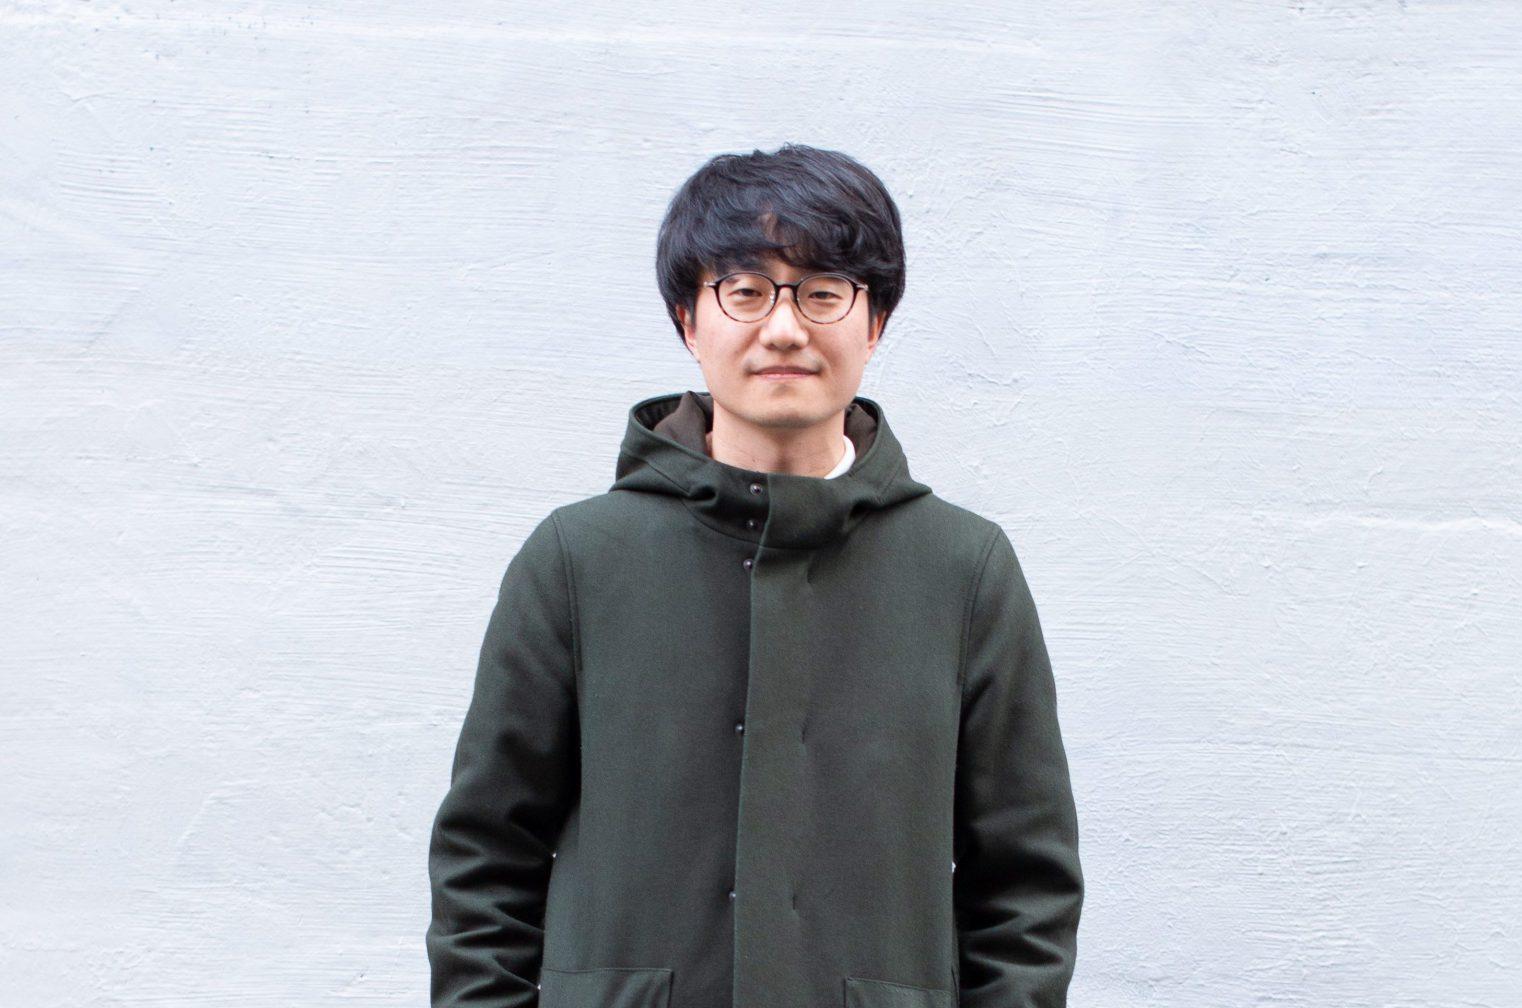 映画『長生ノスタルジア』安田瑛己監督インタビュー